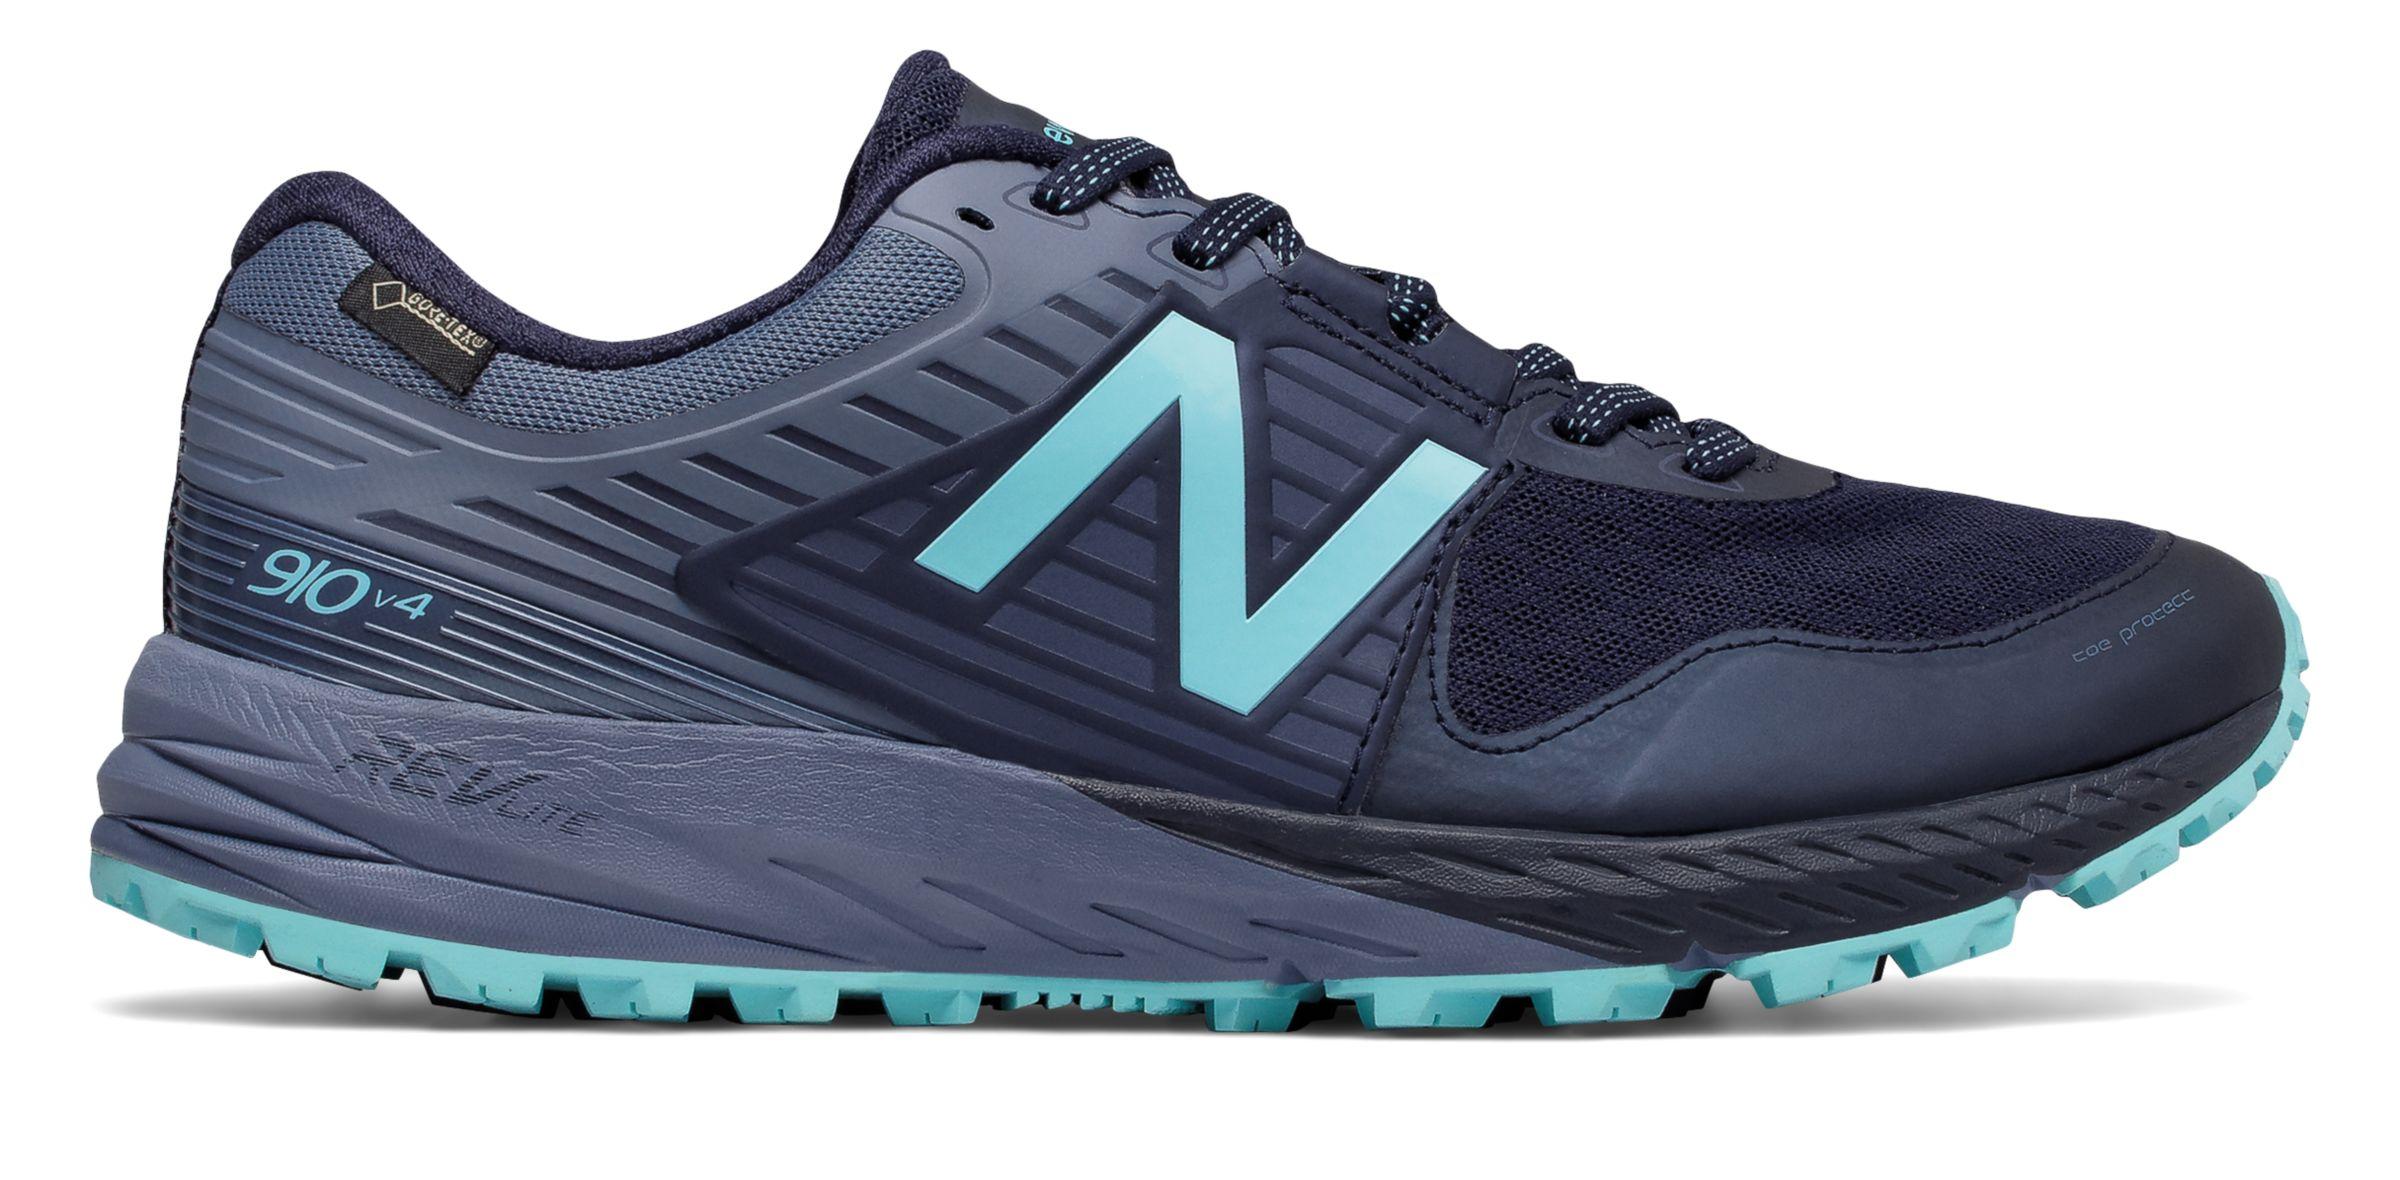 Zapatos Para Caminar Las Nuevas Mujeres De Equilibrio 812 q6OzgGV9g